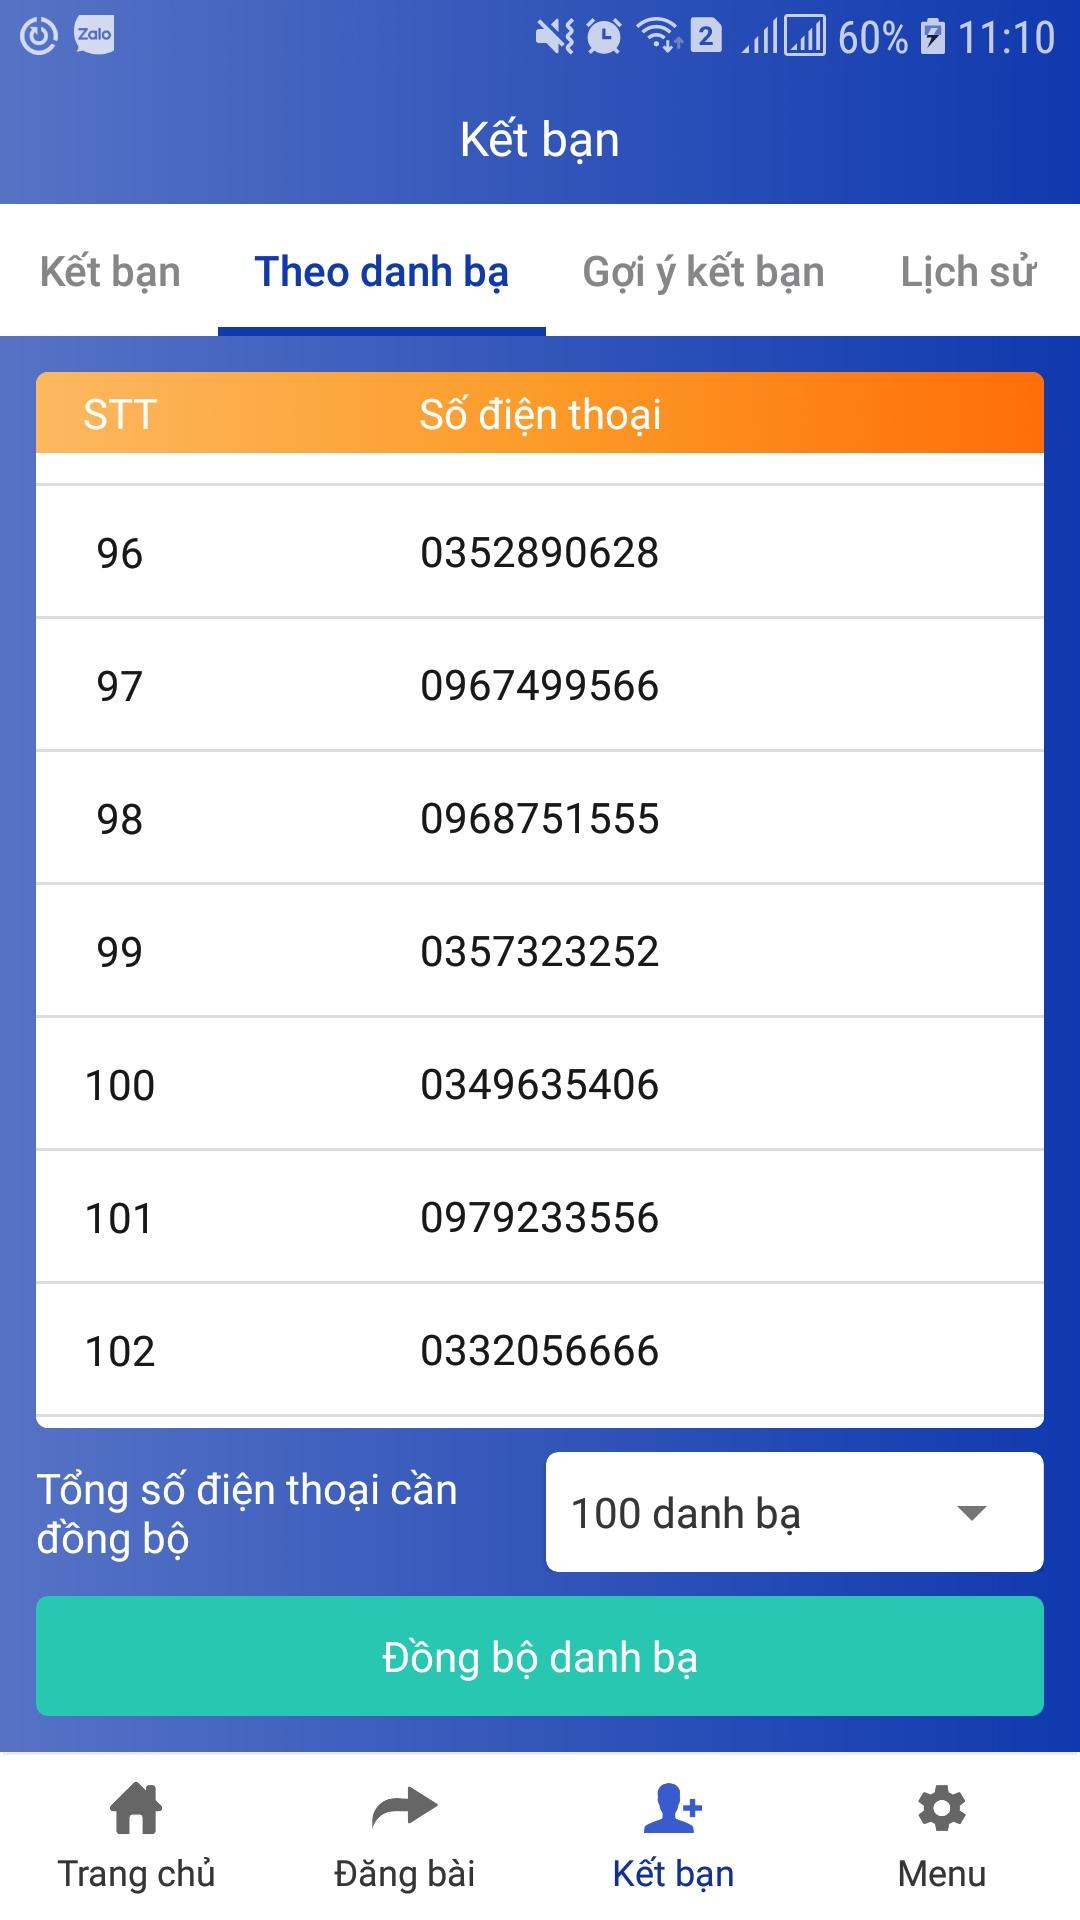 30a243f868769228cb67 Marketing 0đ với tính năng gửi tin nhắn hàng loạt của phần mềm bán hàng zalo